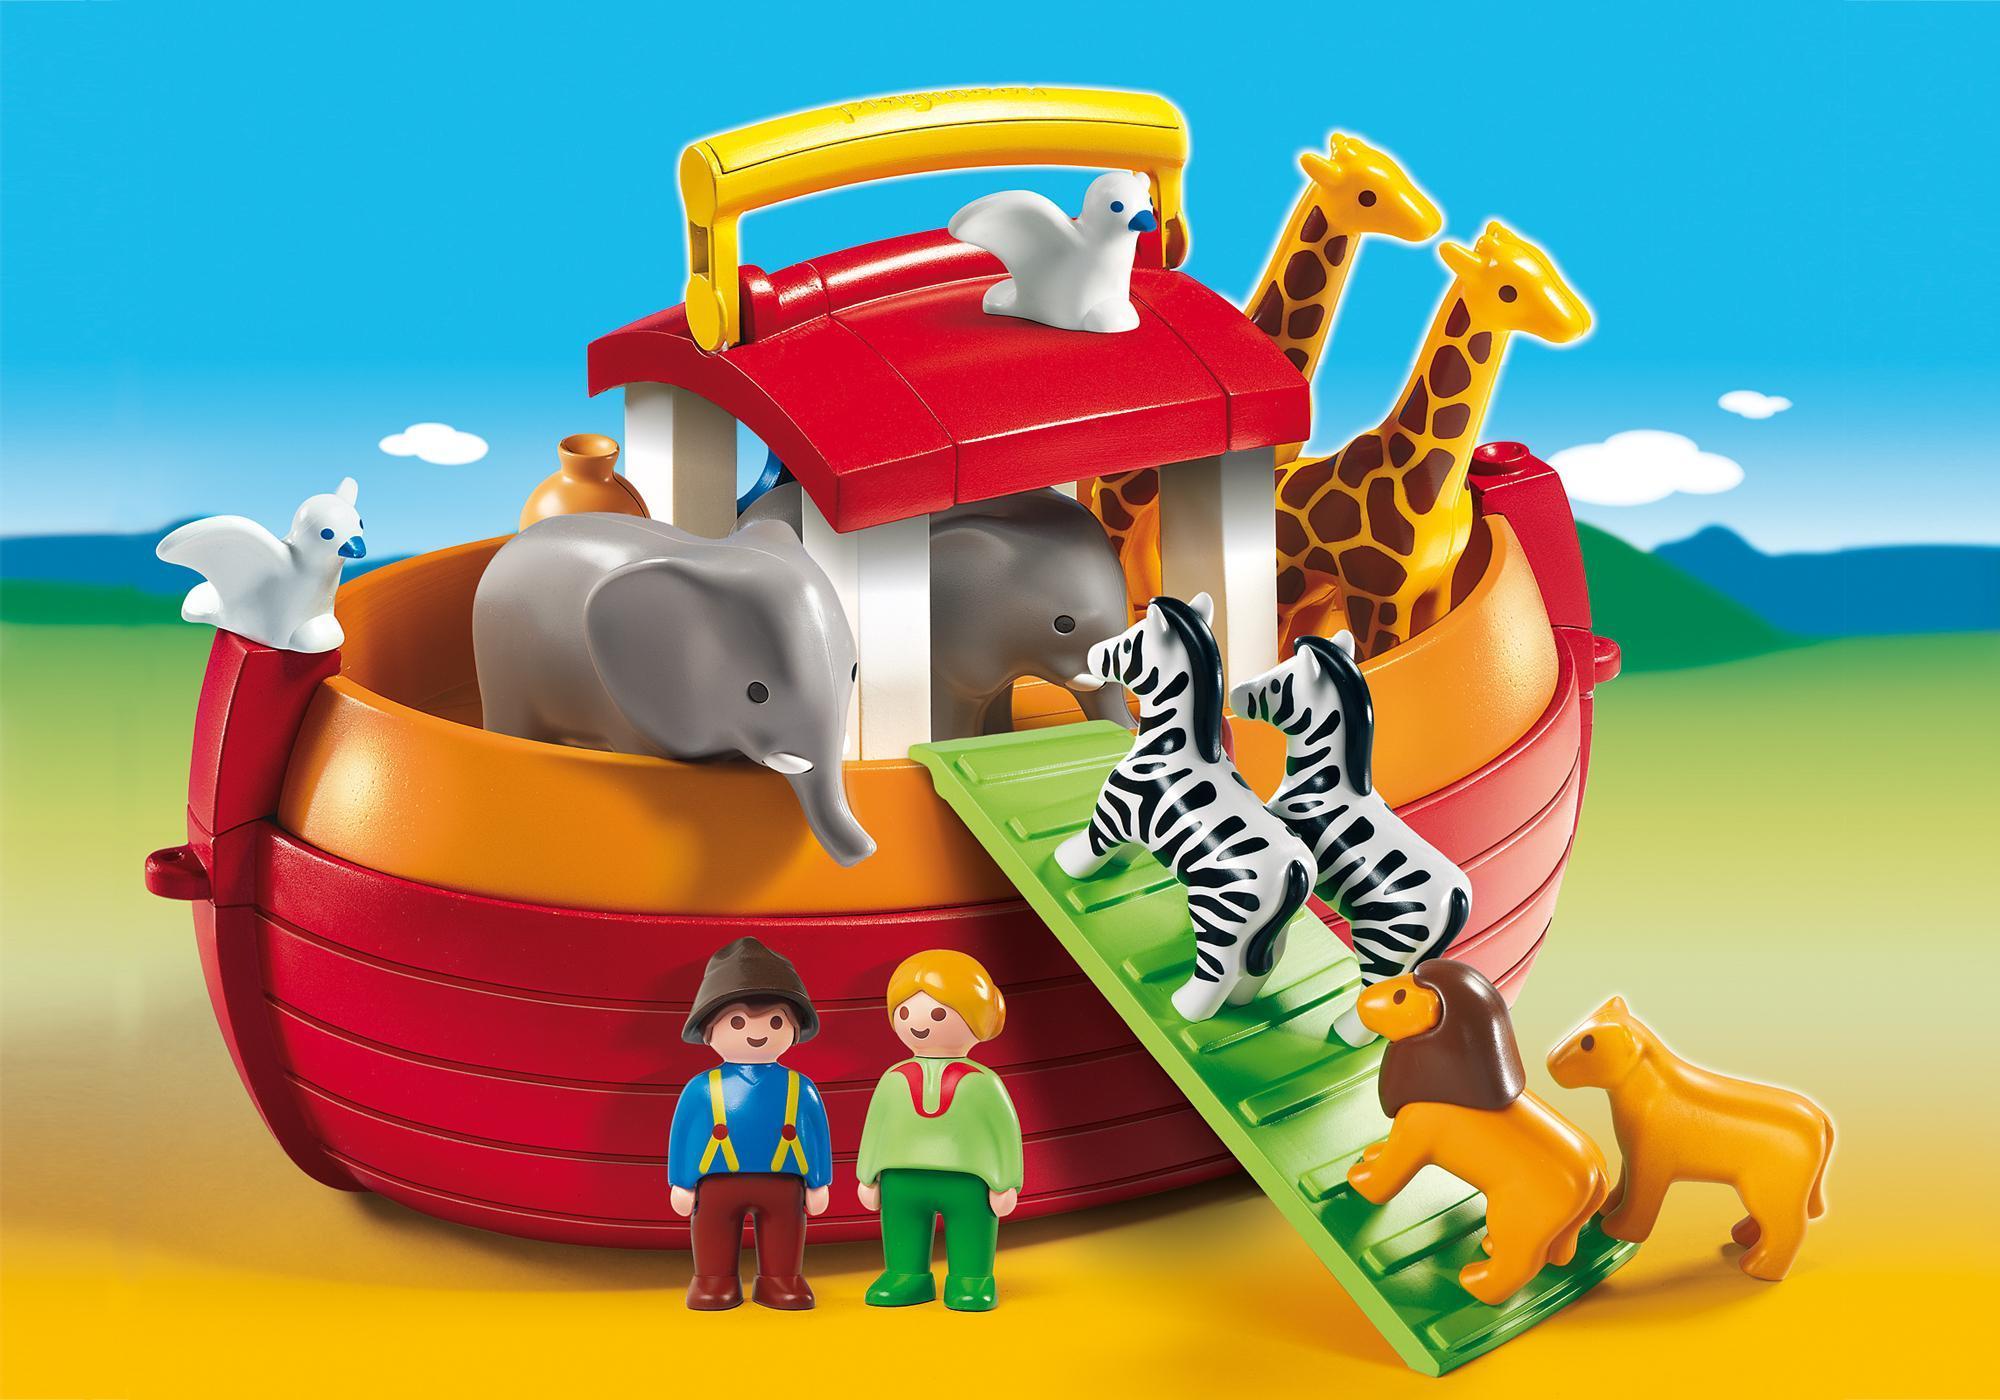 http://media.playmobil.com/i/playmobil/6765_product_detail/La mia arca di Noè portatile